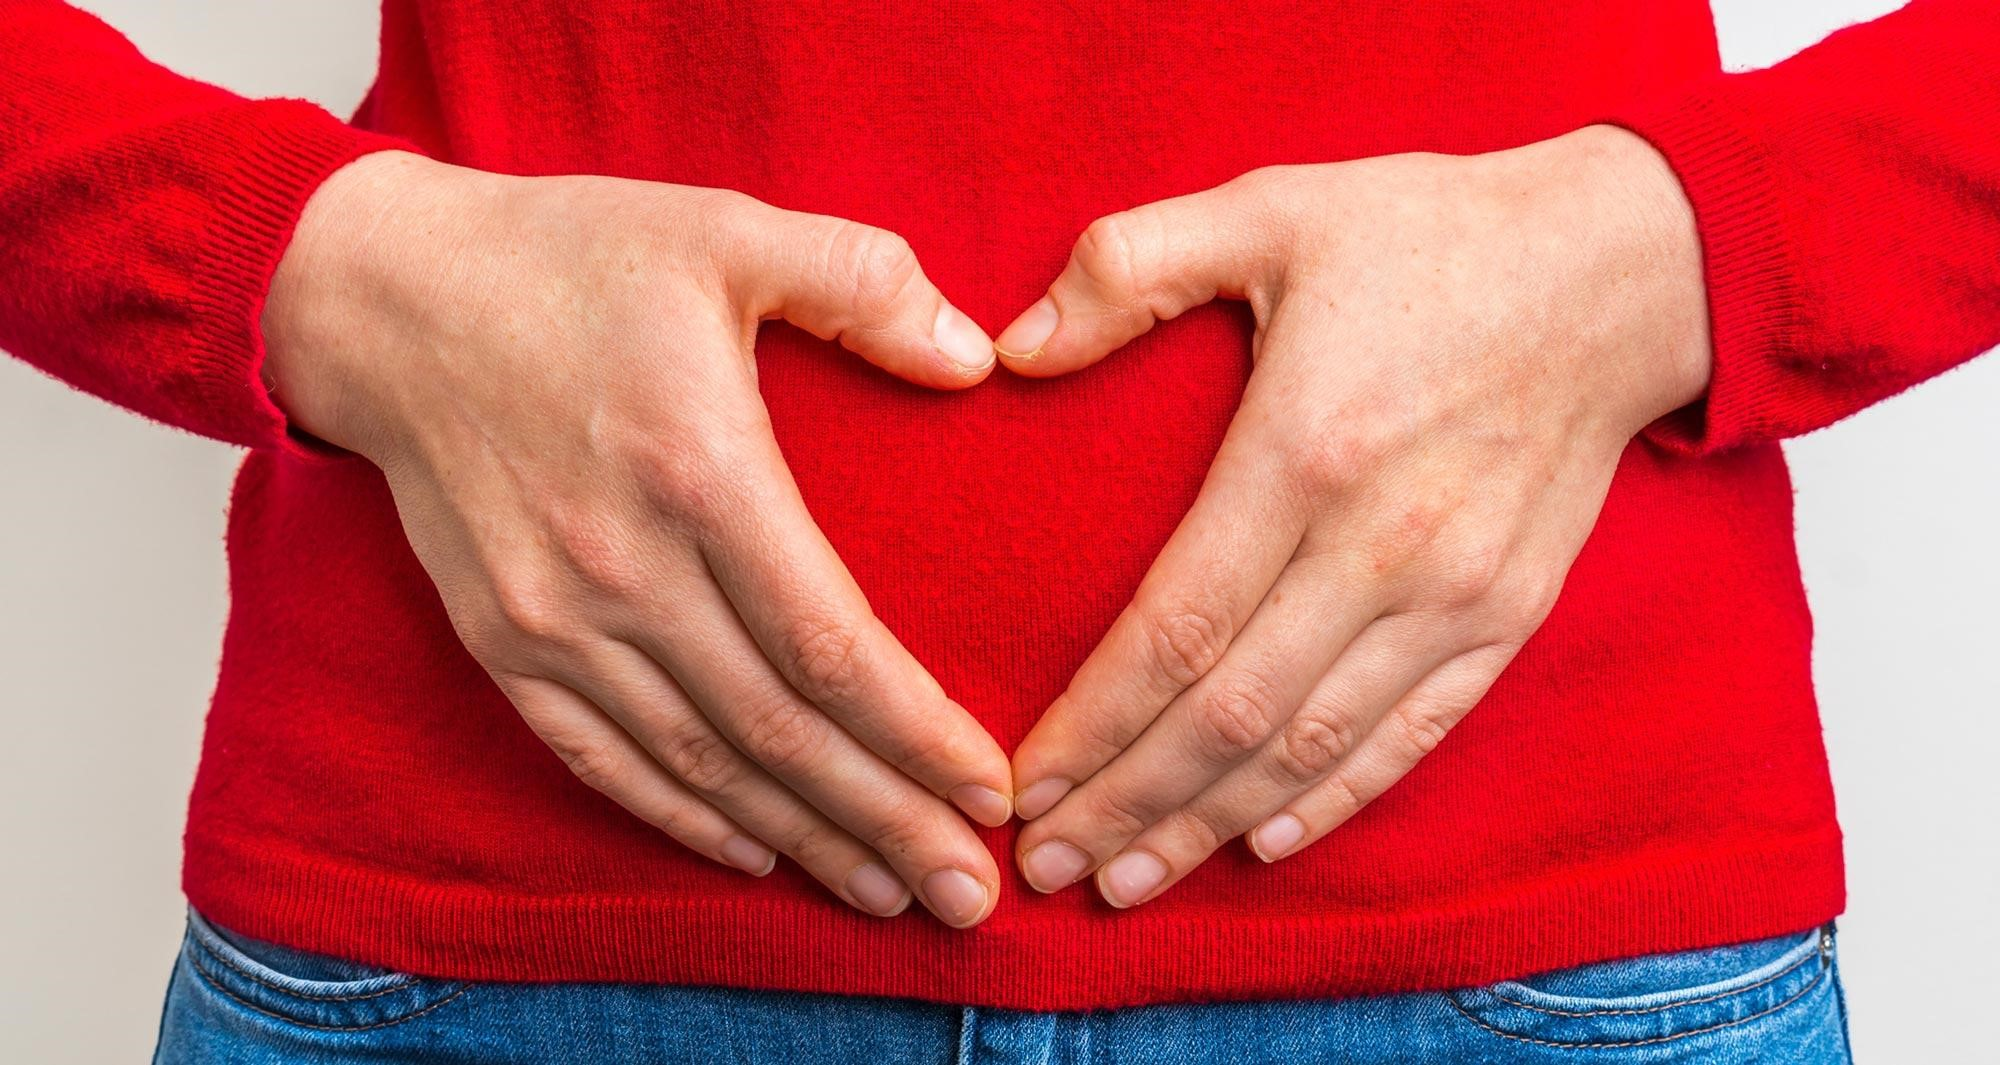 Ползи за стомаха от детокса | LuckyFit